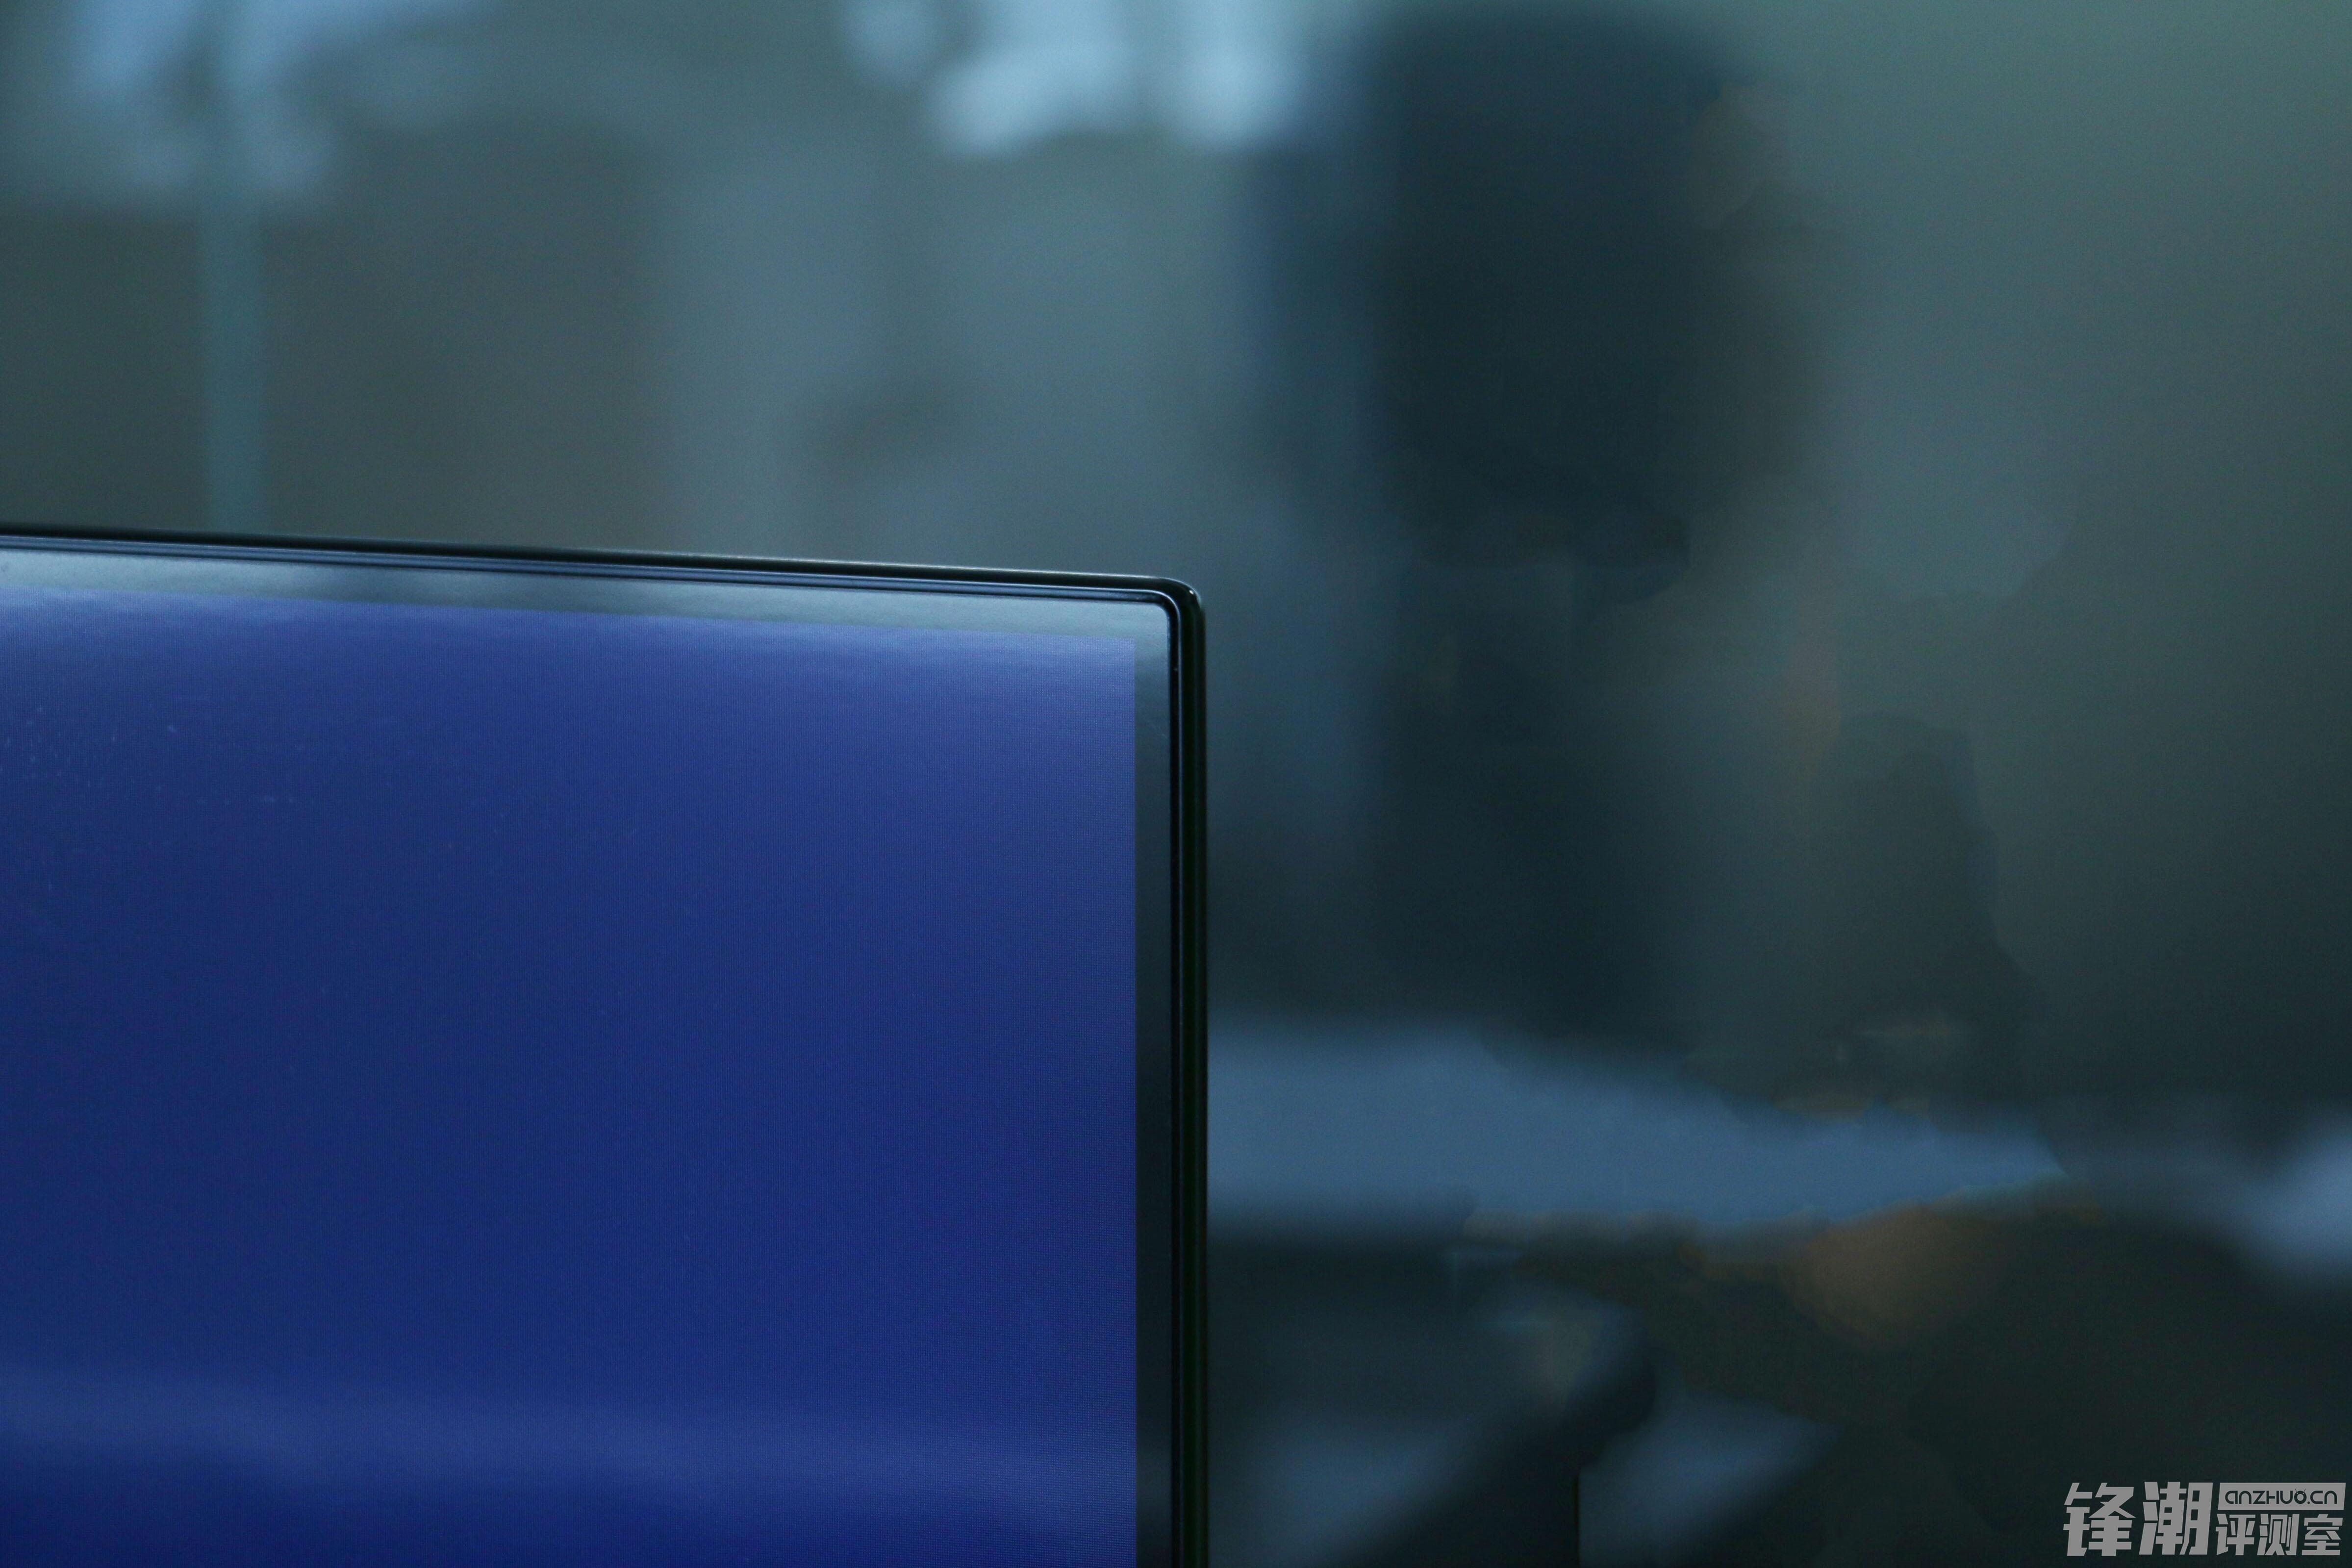 【力皮西】感受极致超薄:AQUOS夏普旷视S60真机图赏